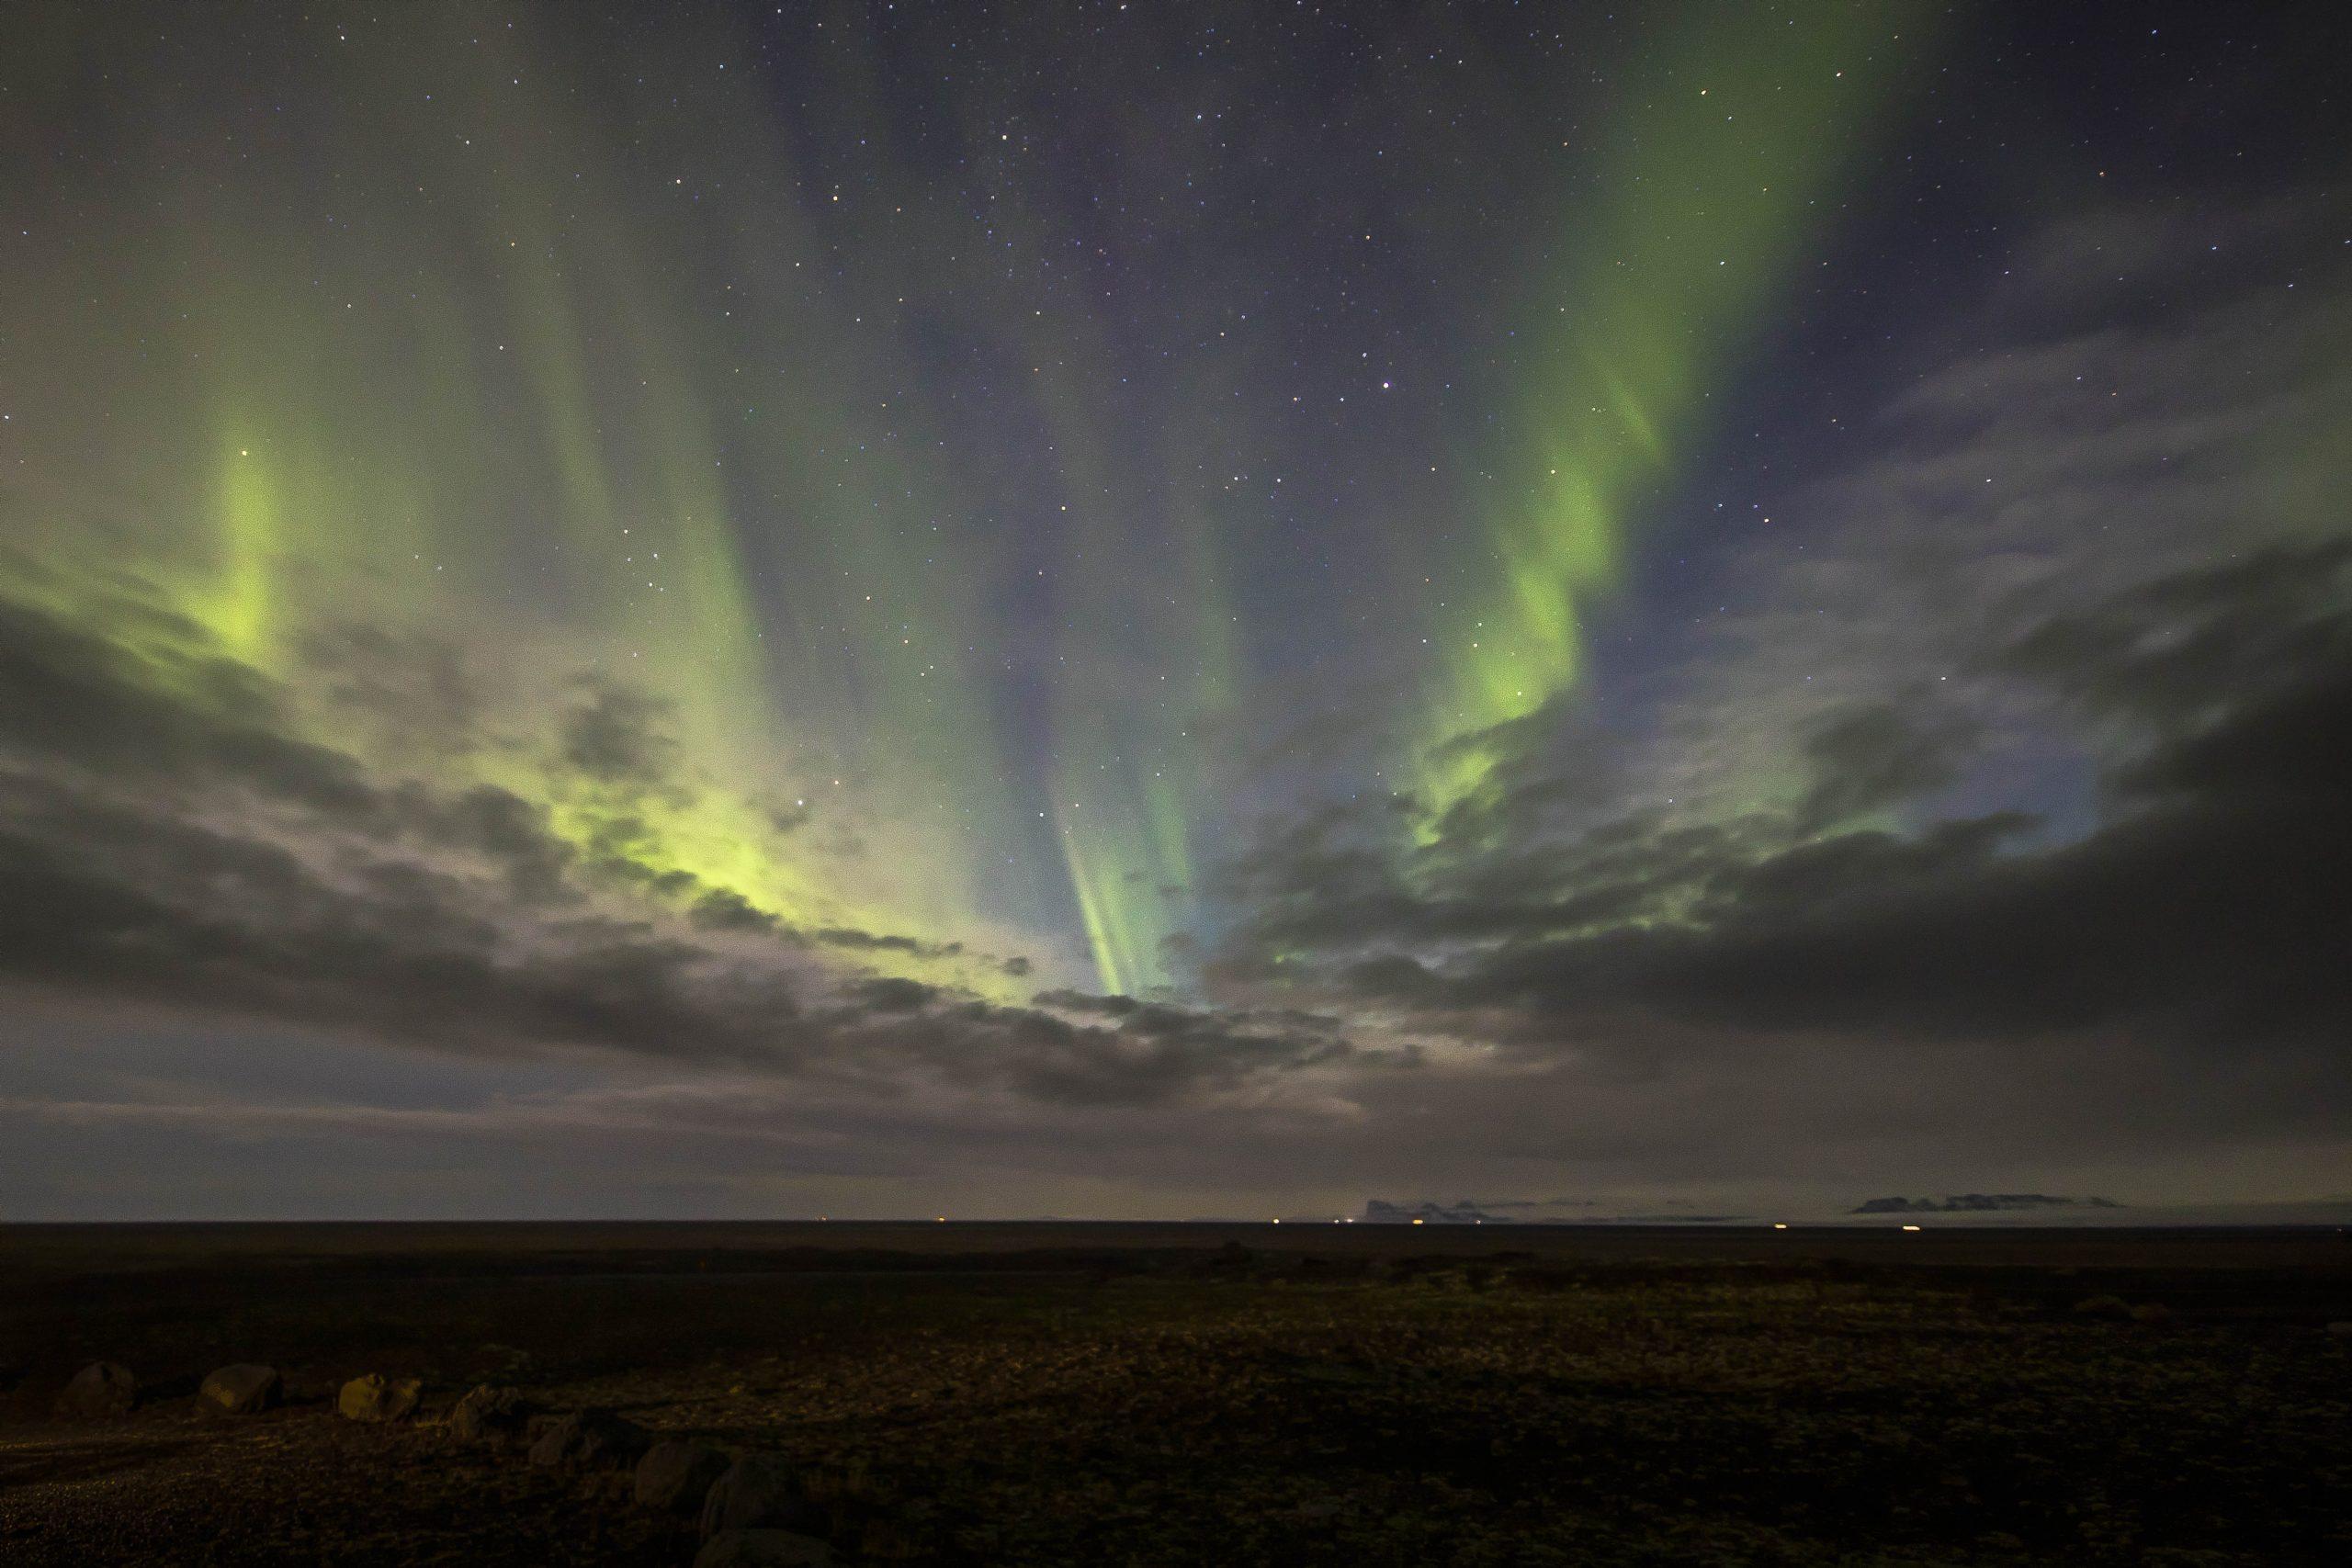 ICELAND-17-NOV-Jorge-Canon-EOS-5D-Mark-IV-2017-11-07-190102-16667